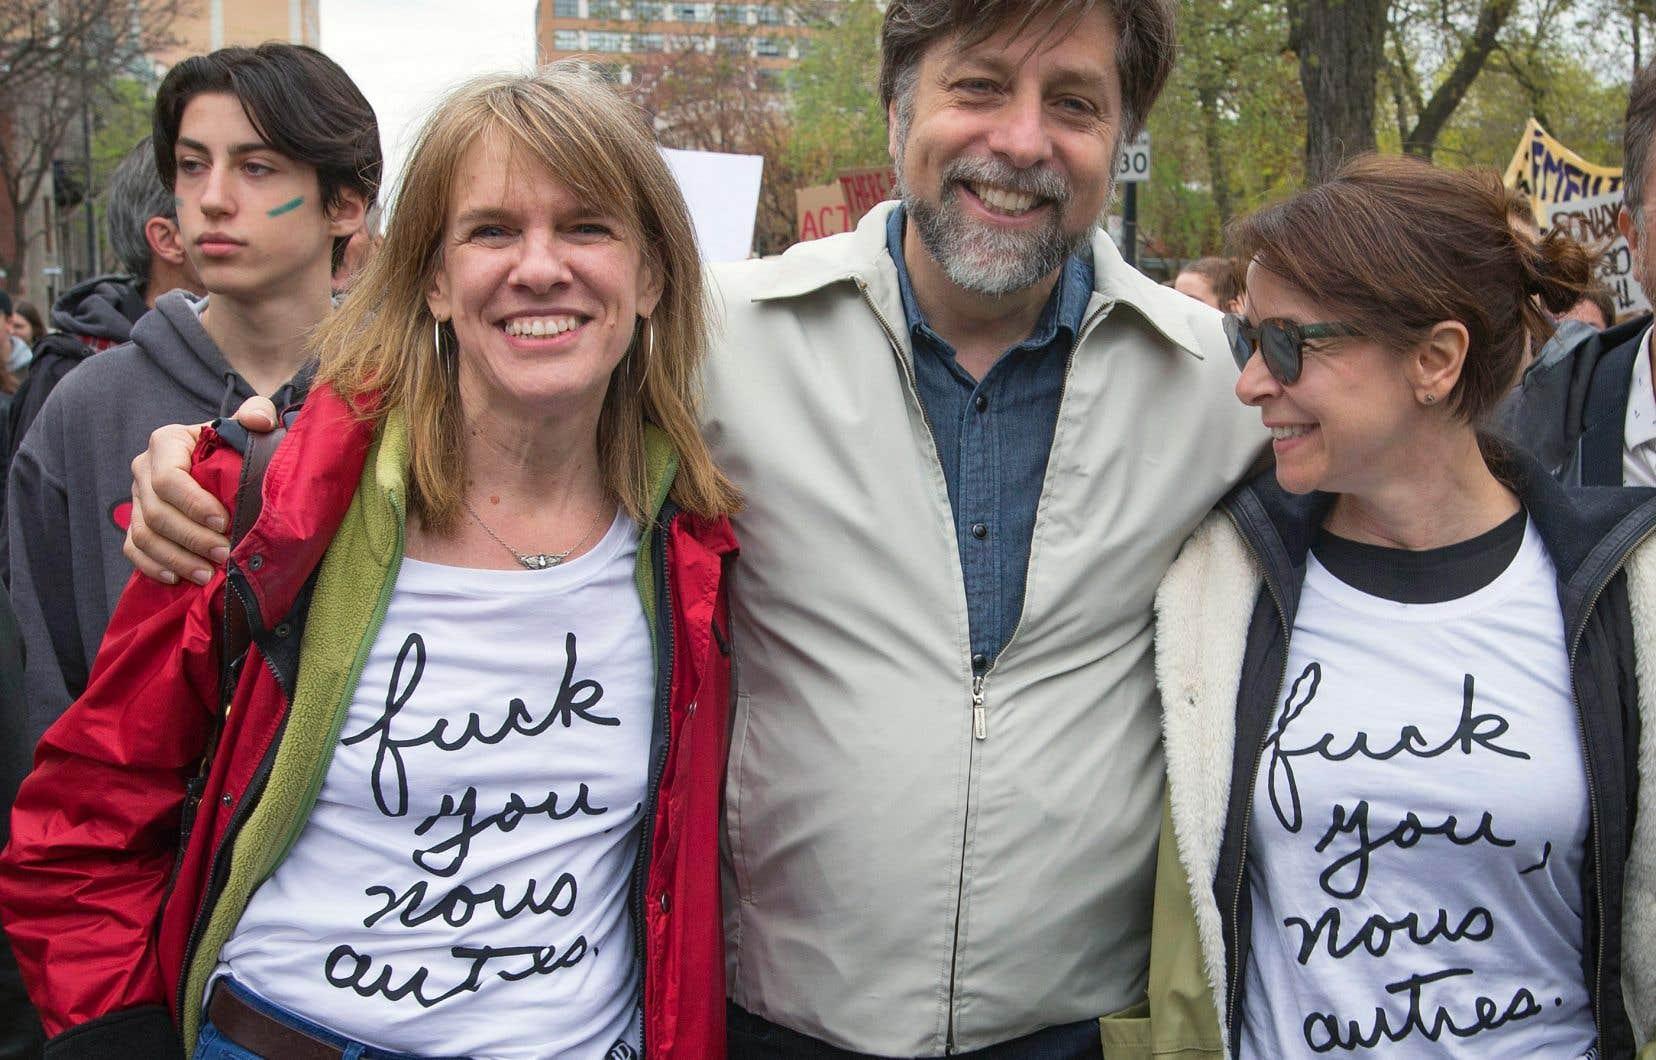 Entourés des jeunes qui manifestent contre la surchauffe climatique, Joblo, l'ex-maire de l'arrondissement du Plateau Luc Ferrandez et la conseillère d'arrondissement Marie Plourde